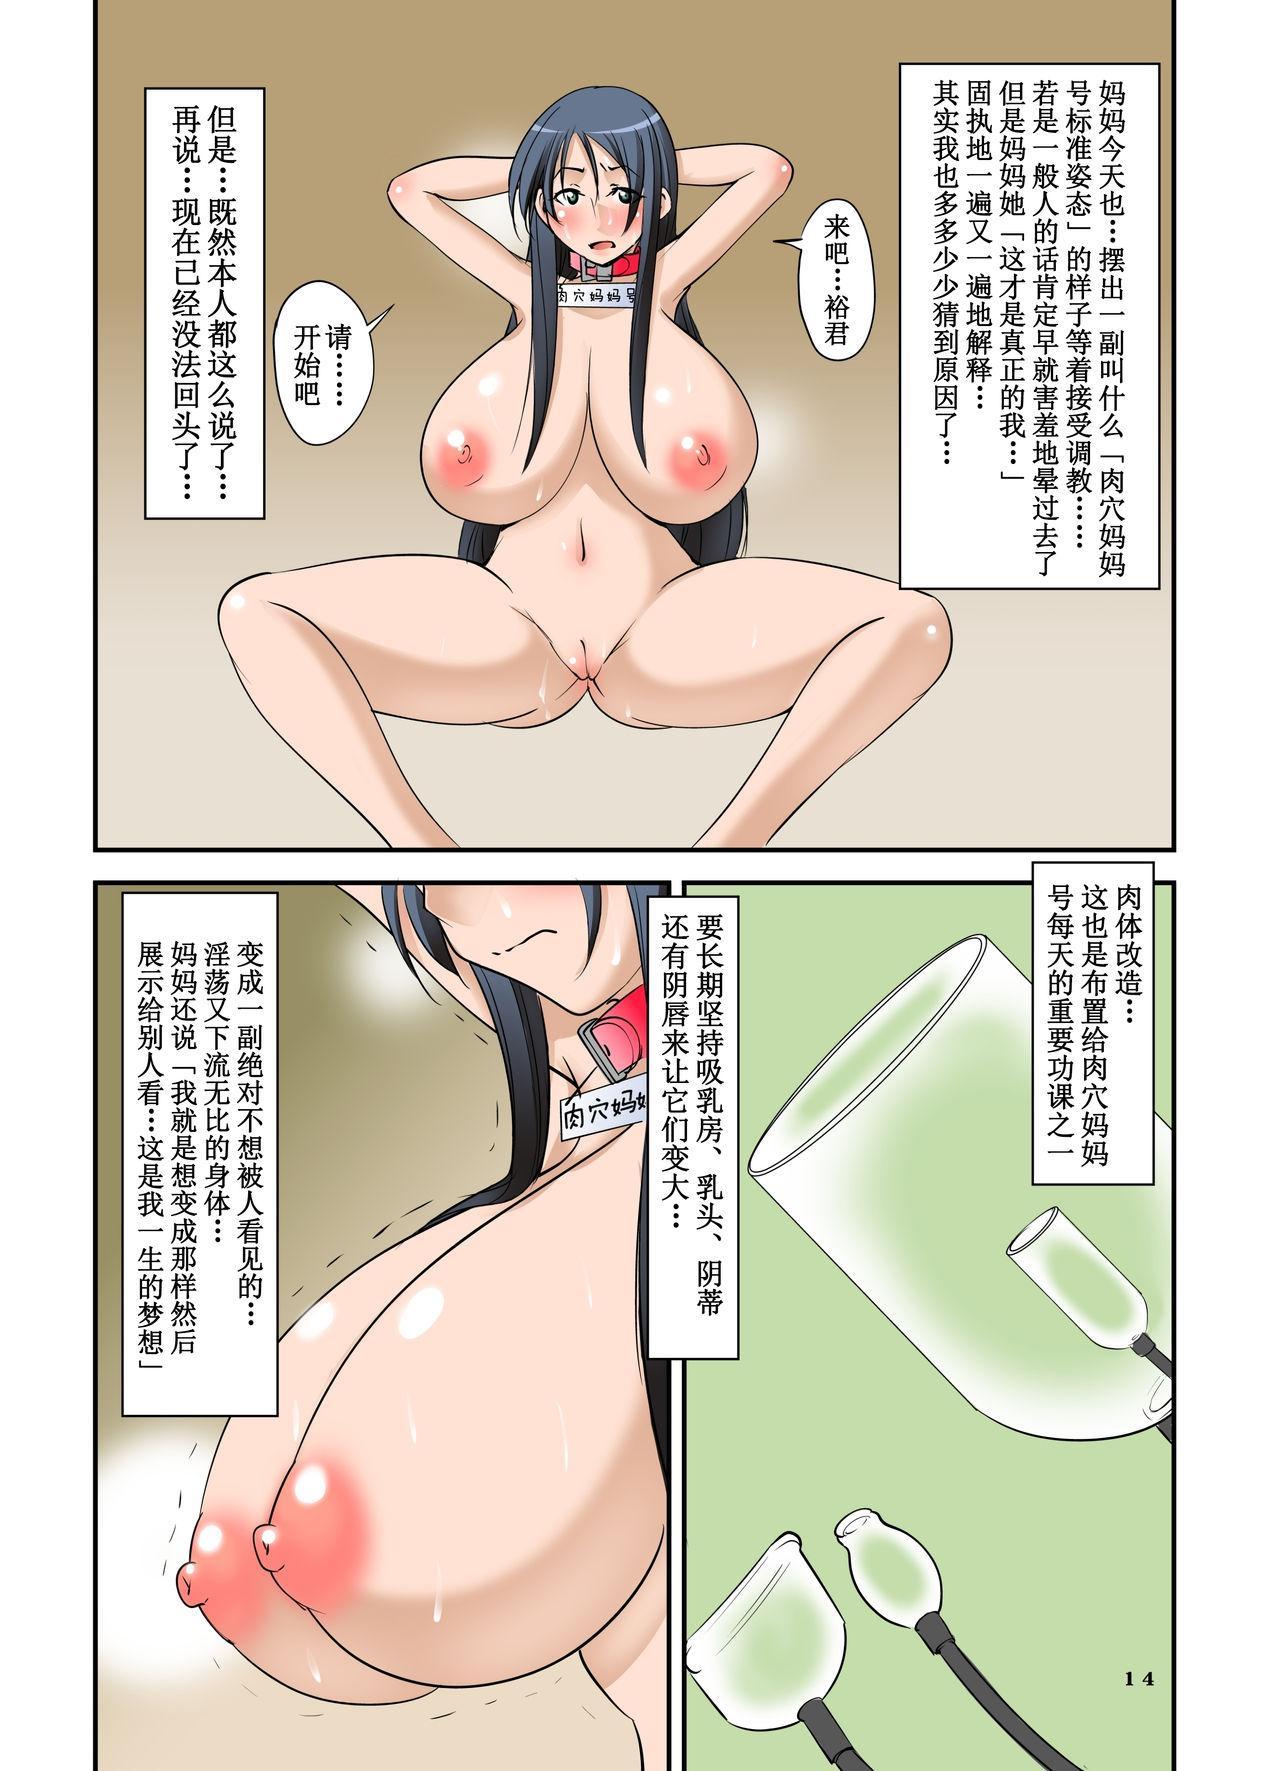 Musukohe no Dokichiku Gedou Ijime Womigawari ni Ukeire, Kyouseizenra Choukyouseikatsuwo 15